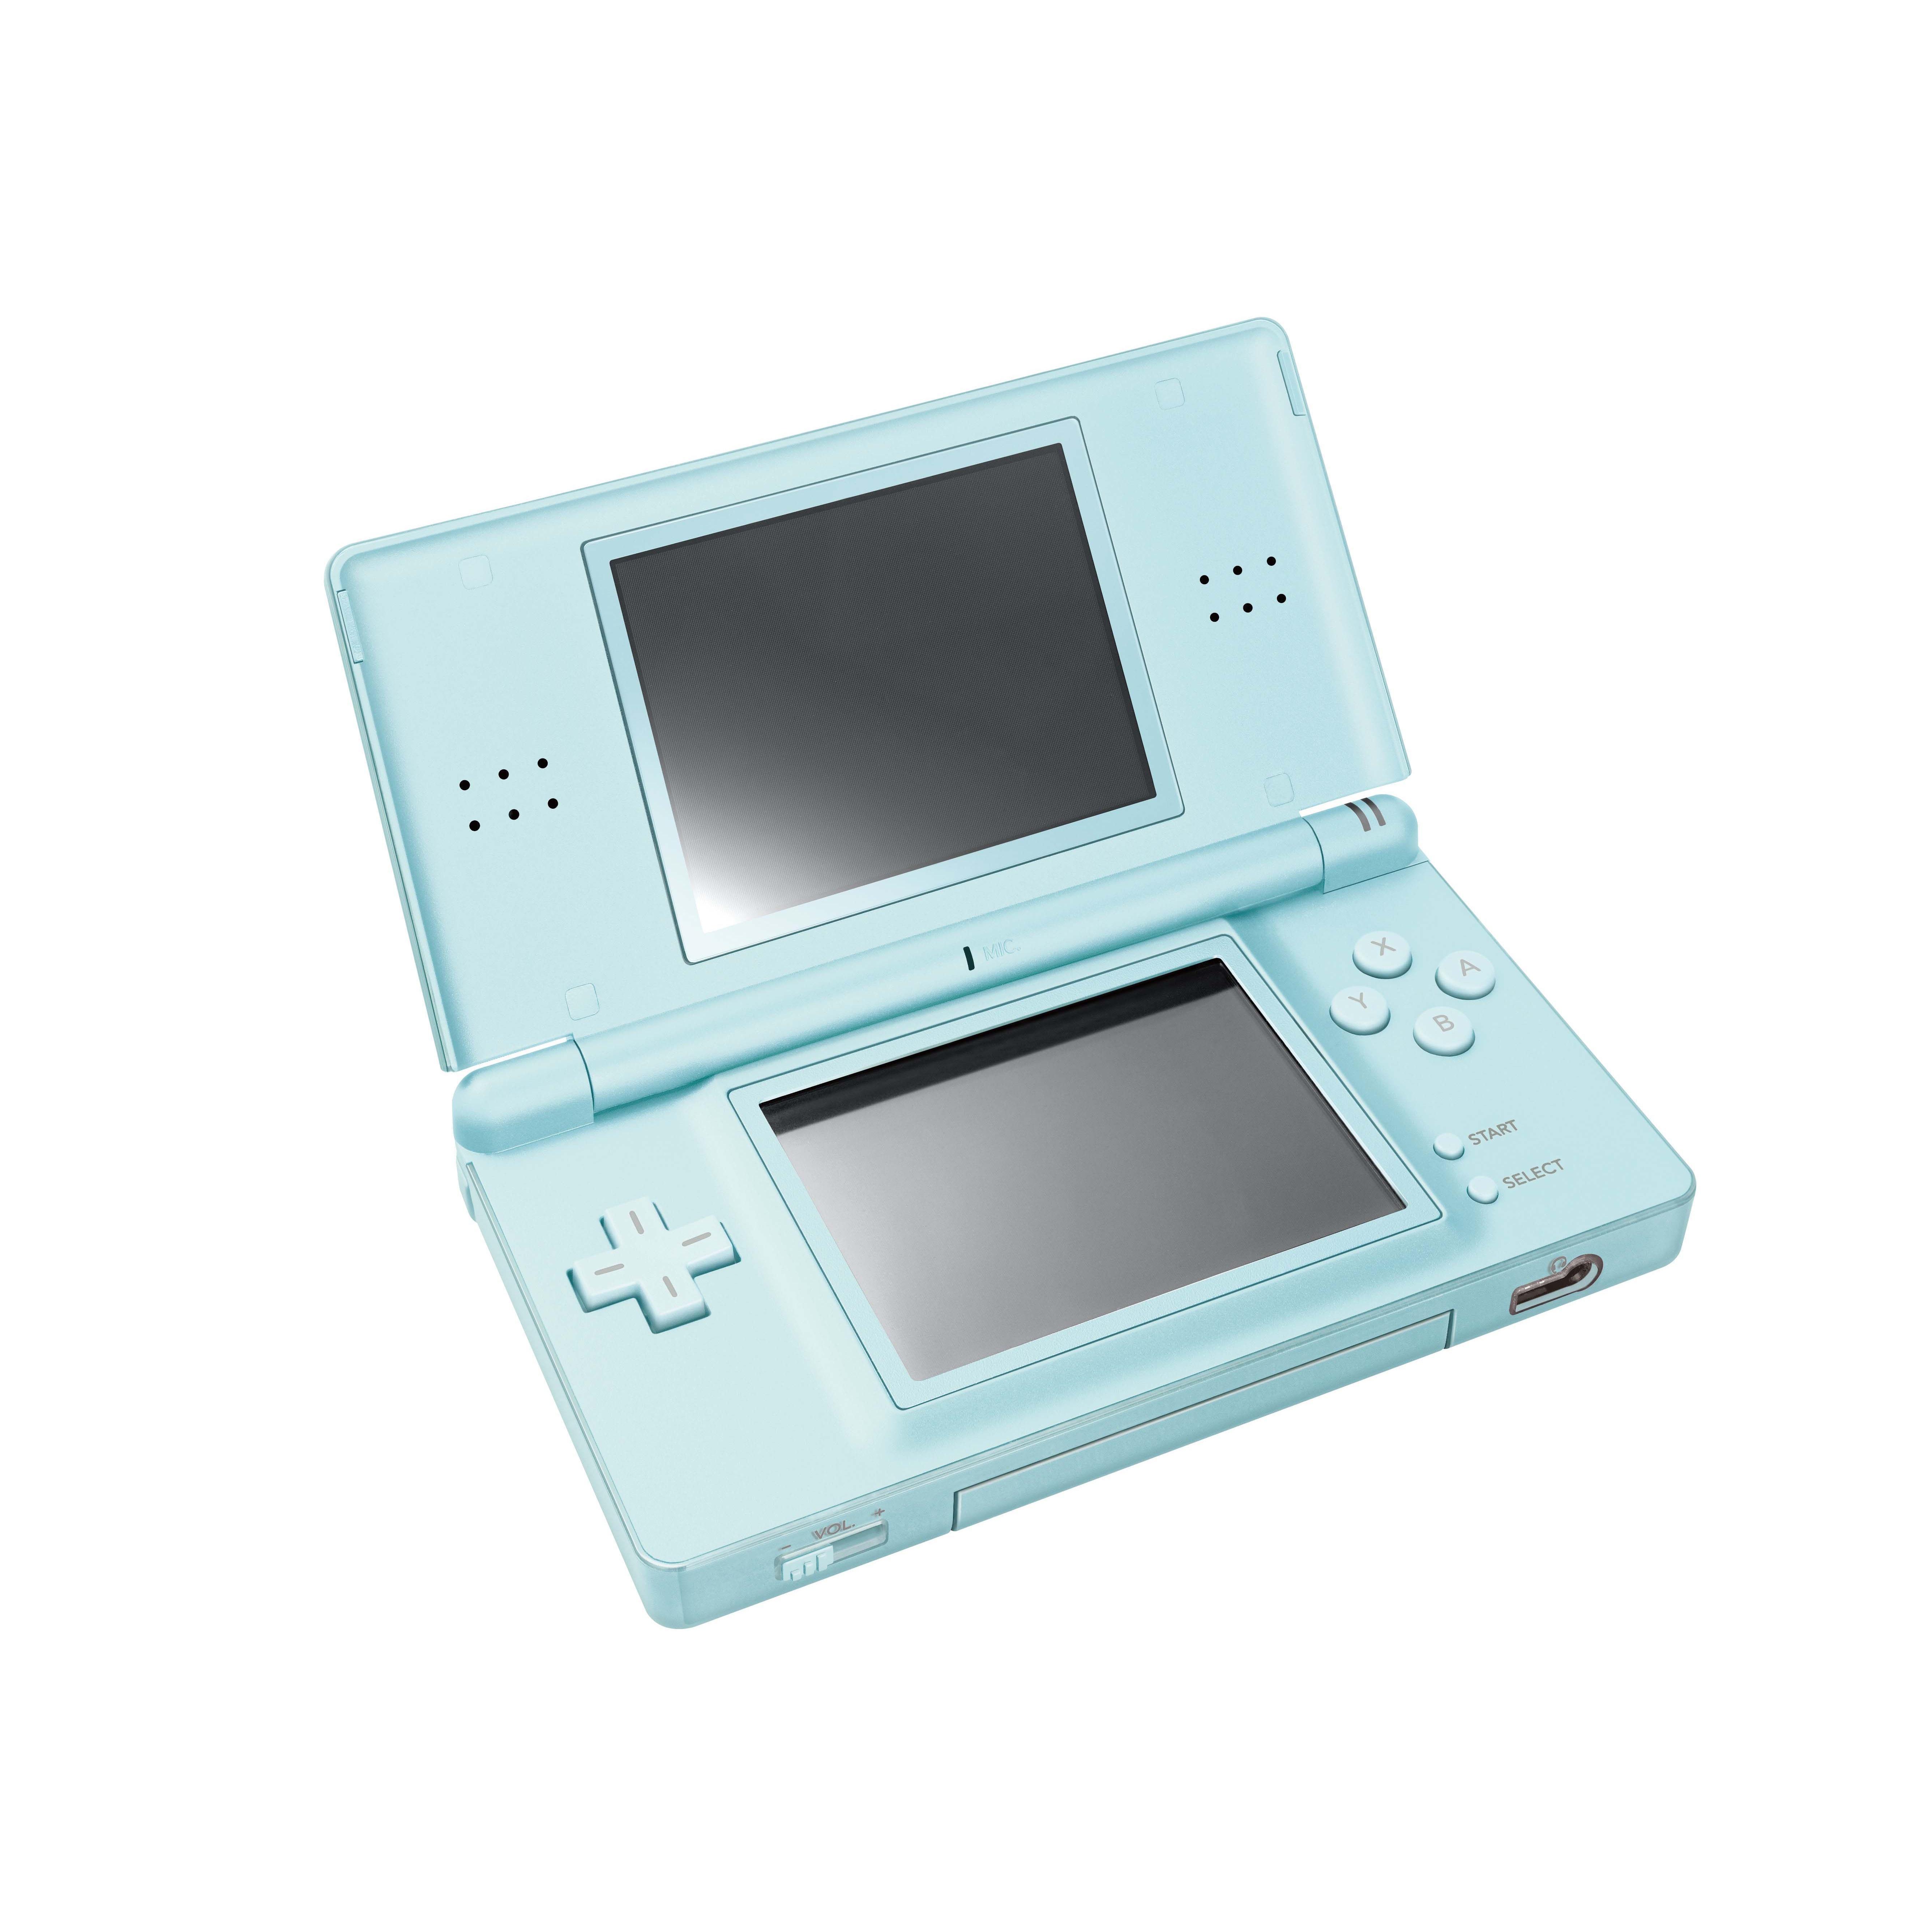 Console portable Nintendo DS Lite